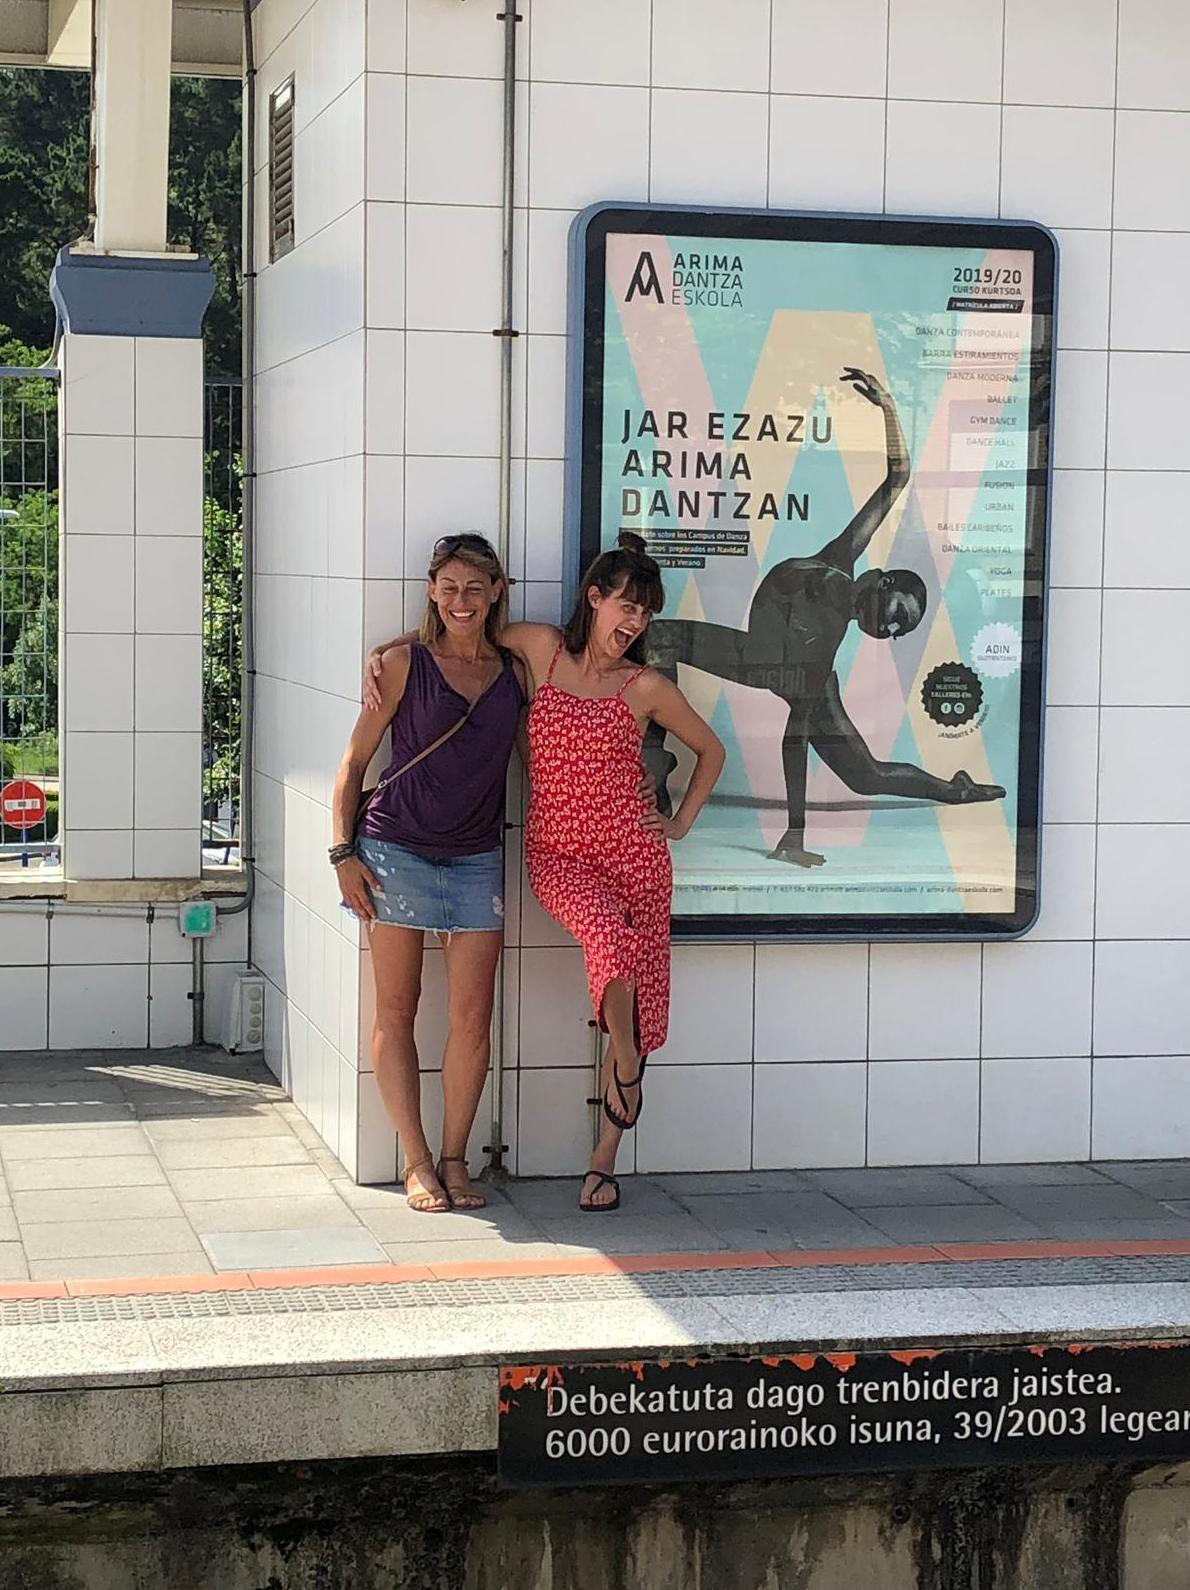 Foto 16 de Academias de danza en  | Arima Dantza Eskola